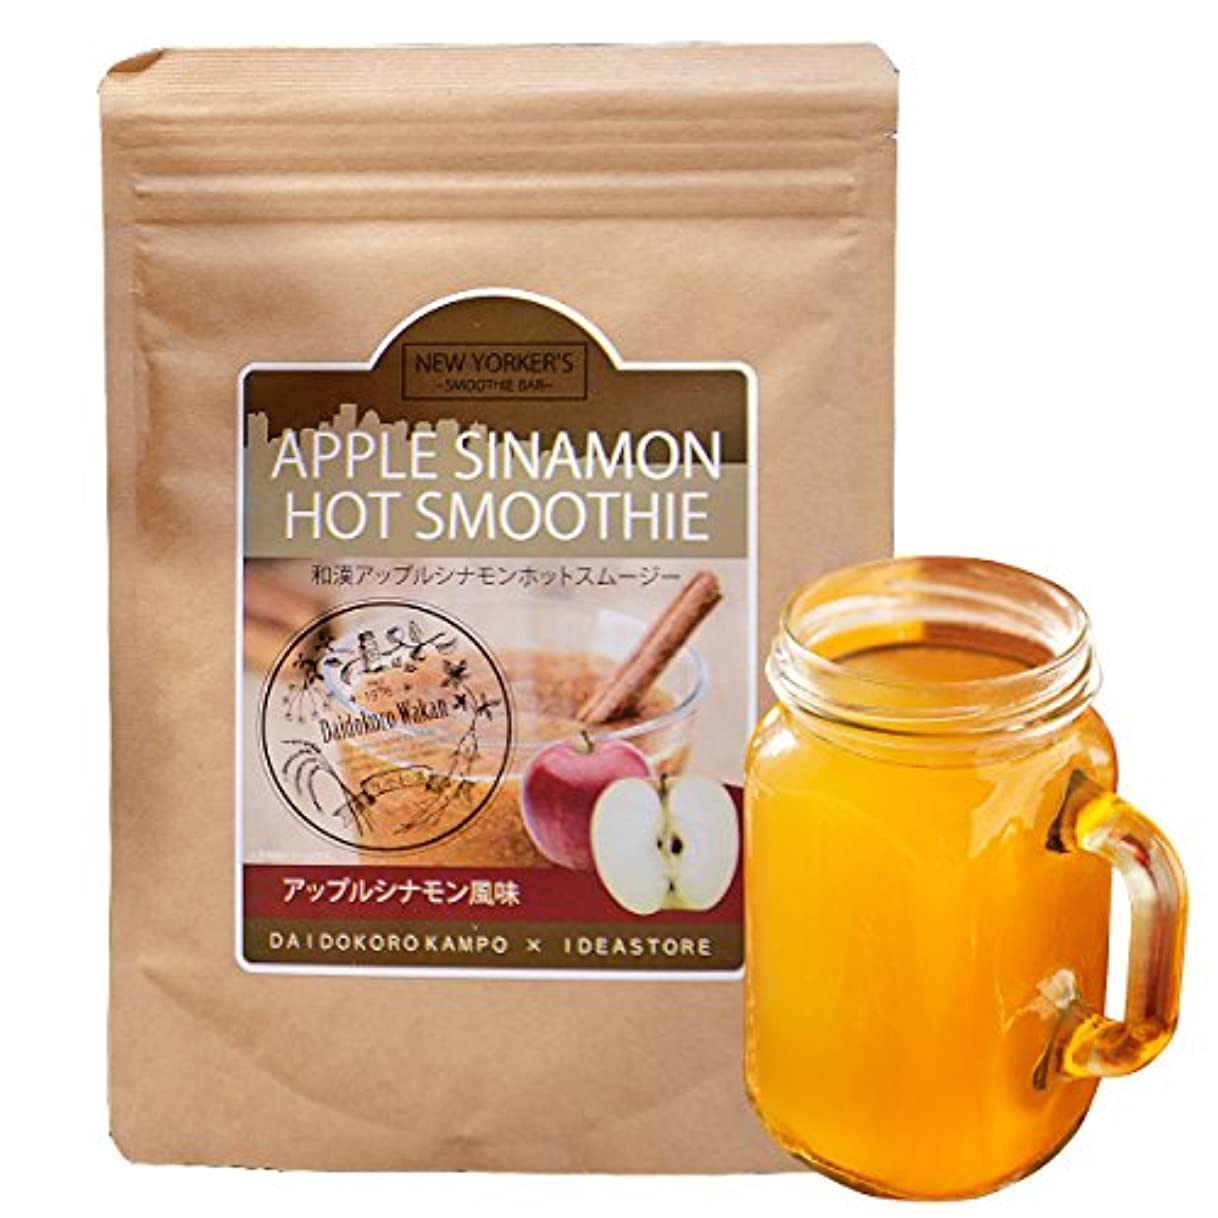 ビルお茶国家和漢ホットスムージー アップルシナモン味 200g